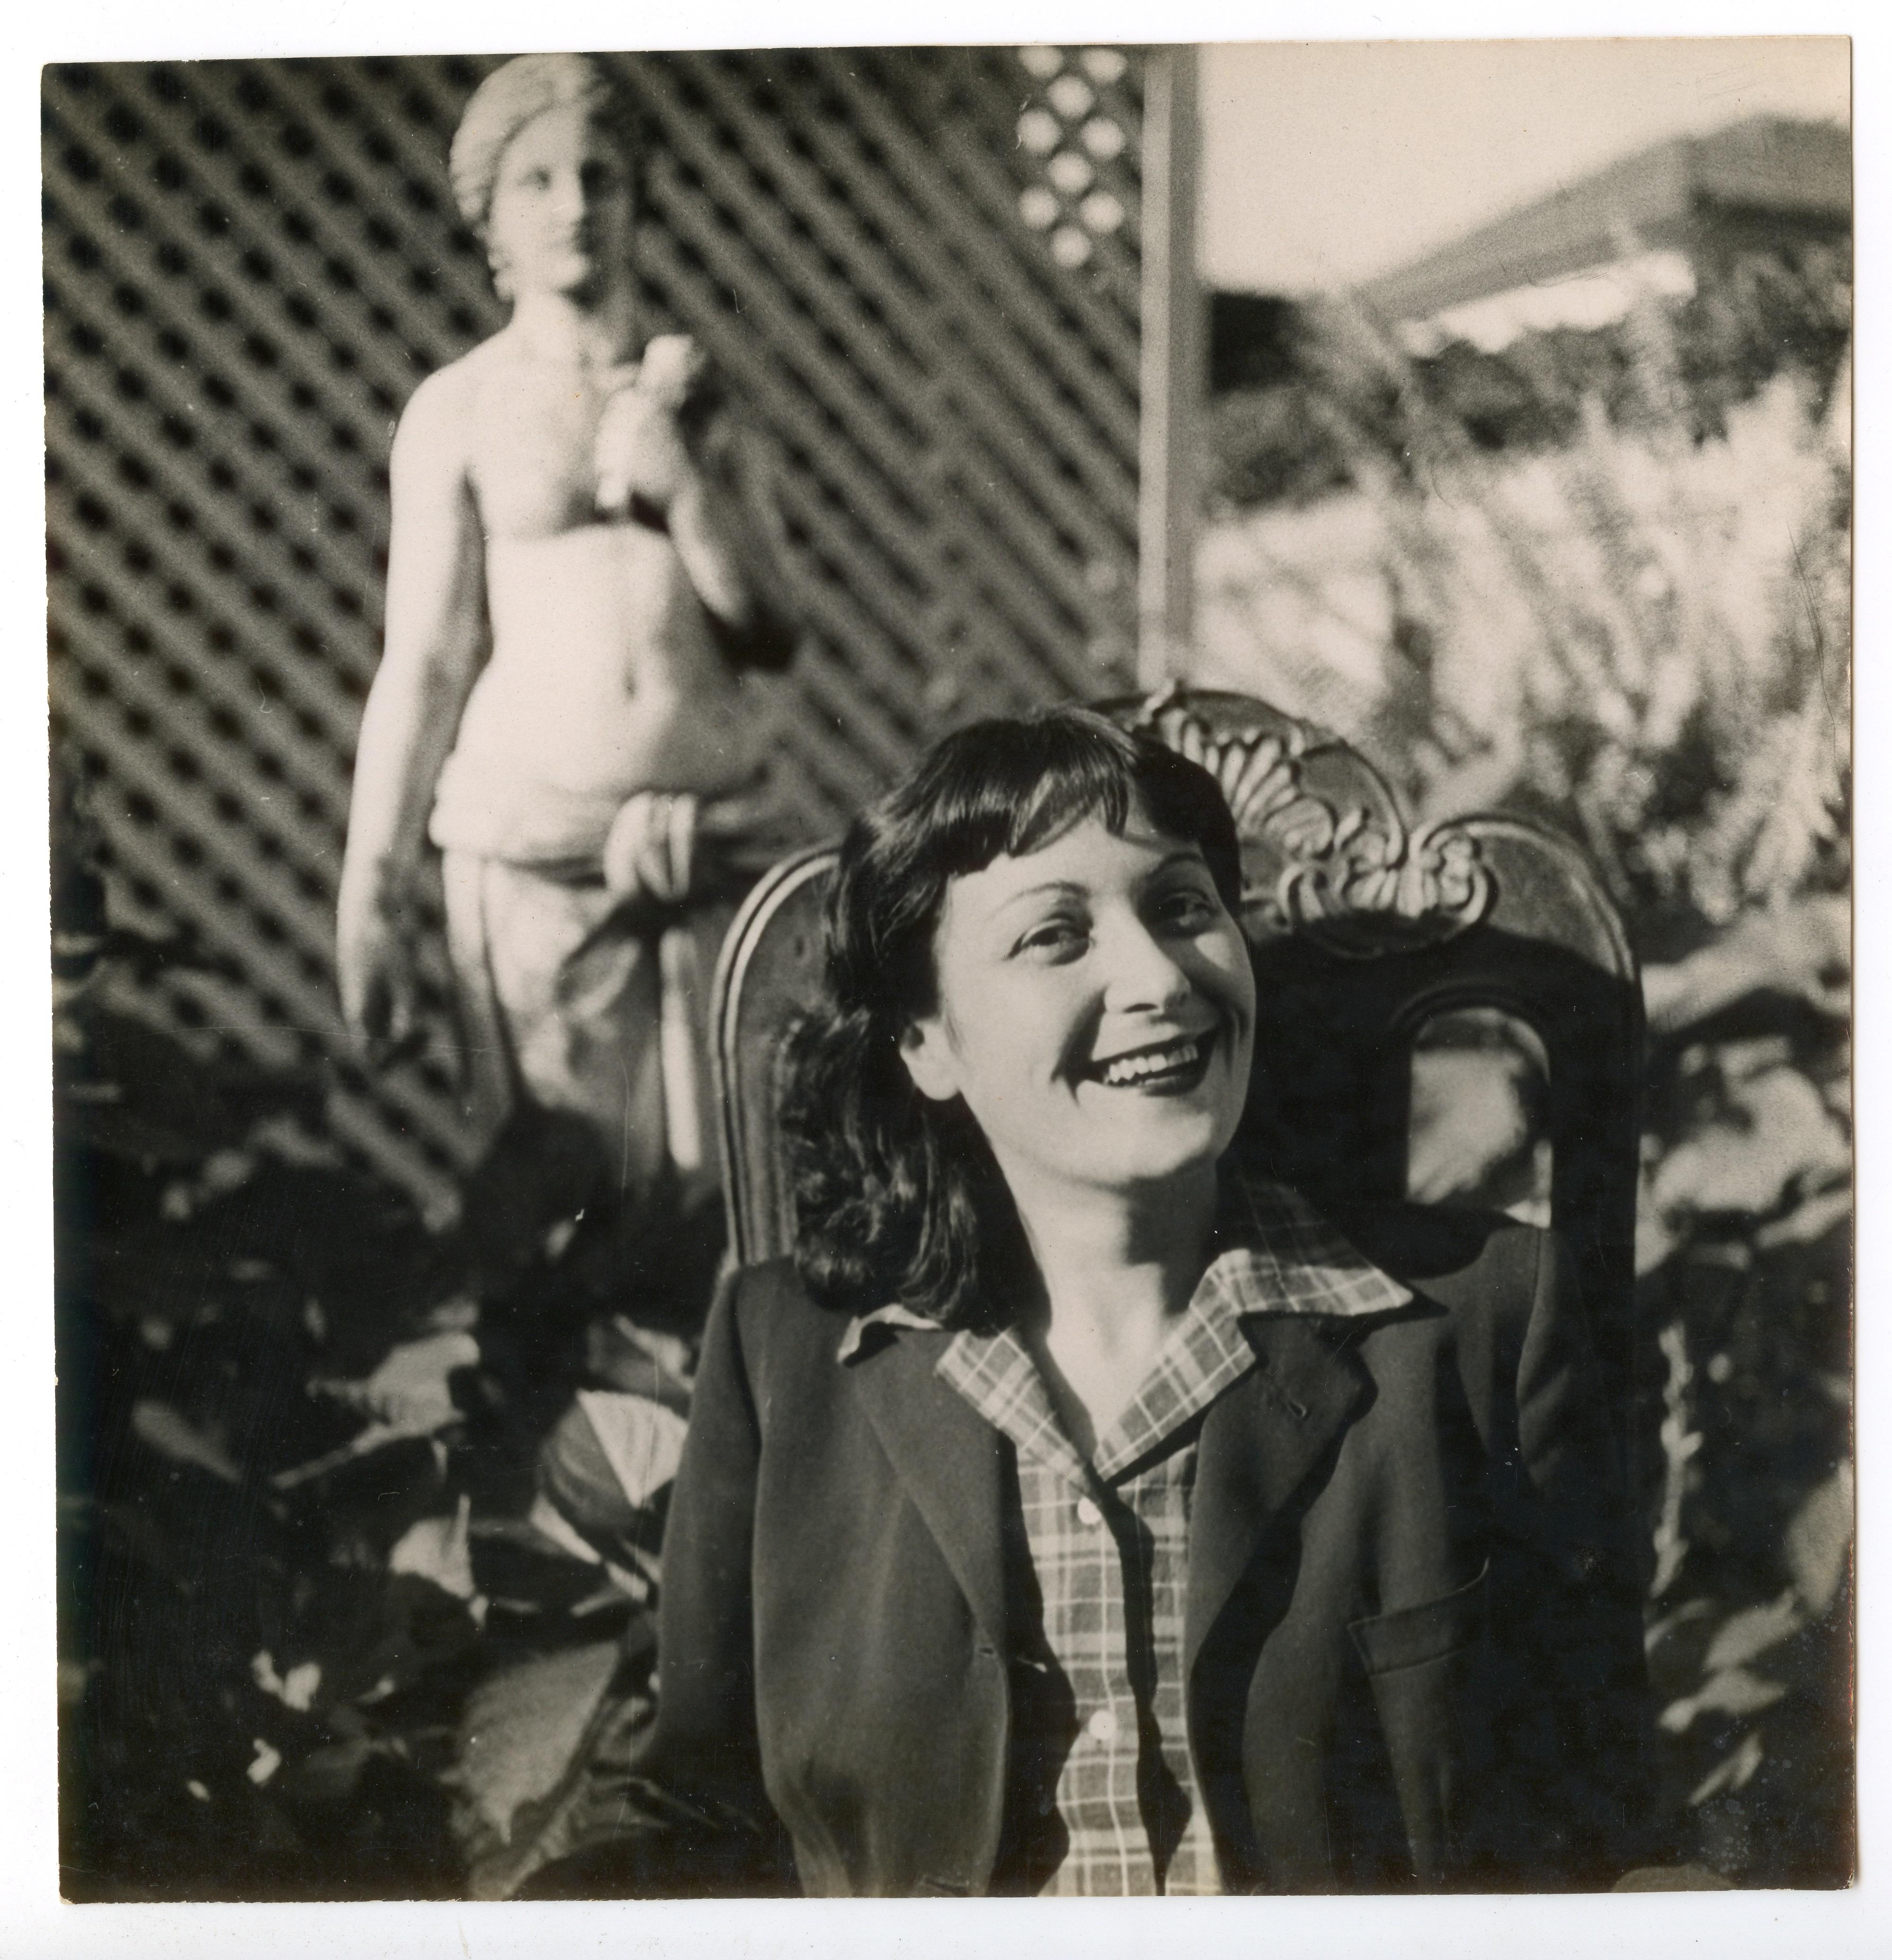 Fotografia feita em 1947 por Pietro Bardi.